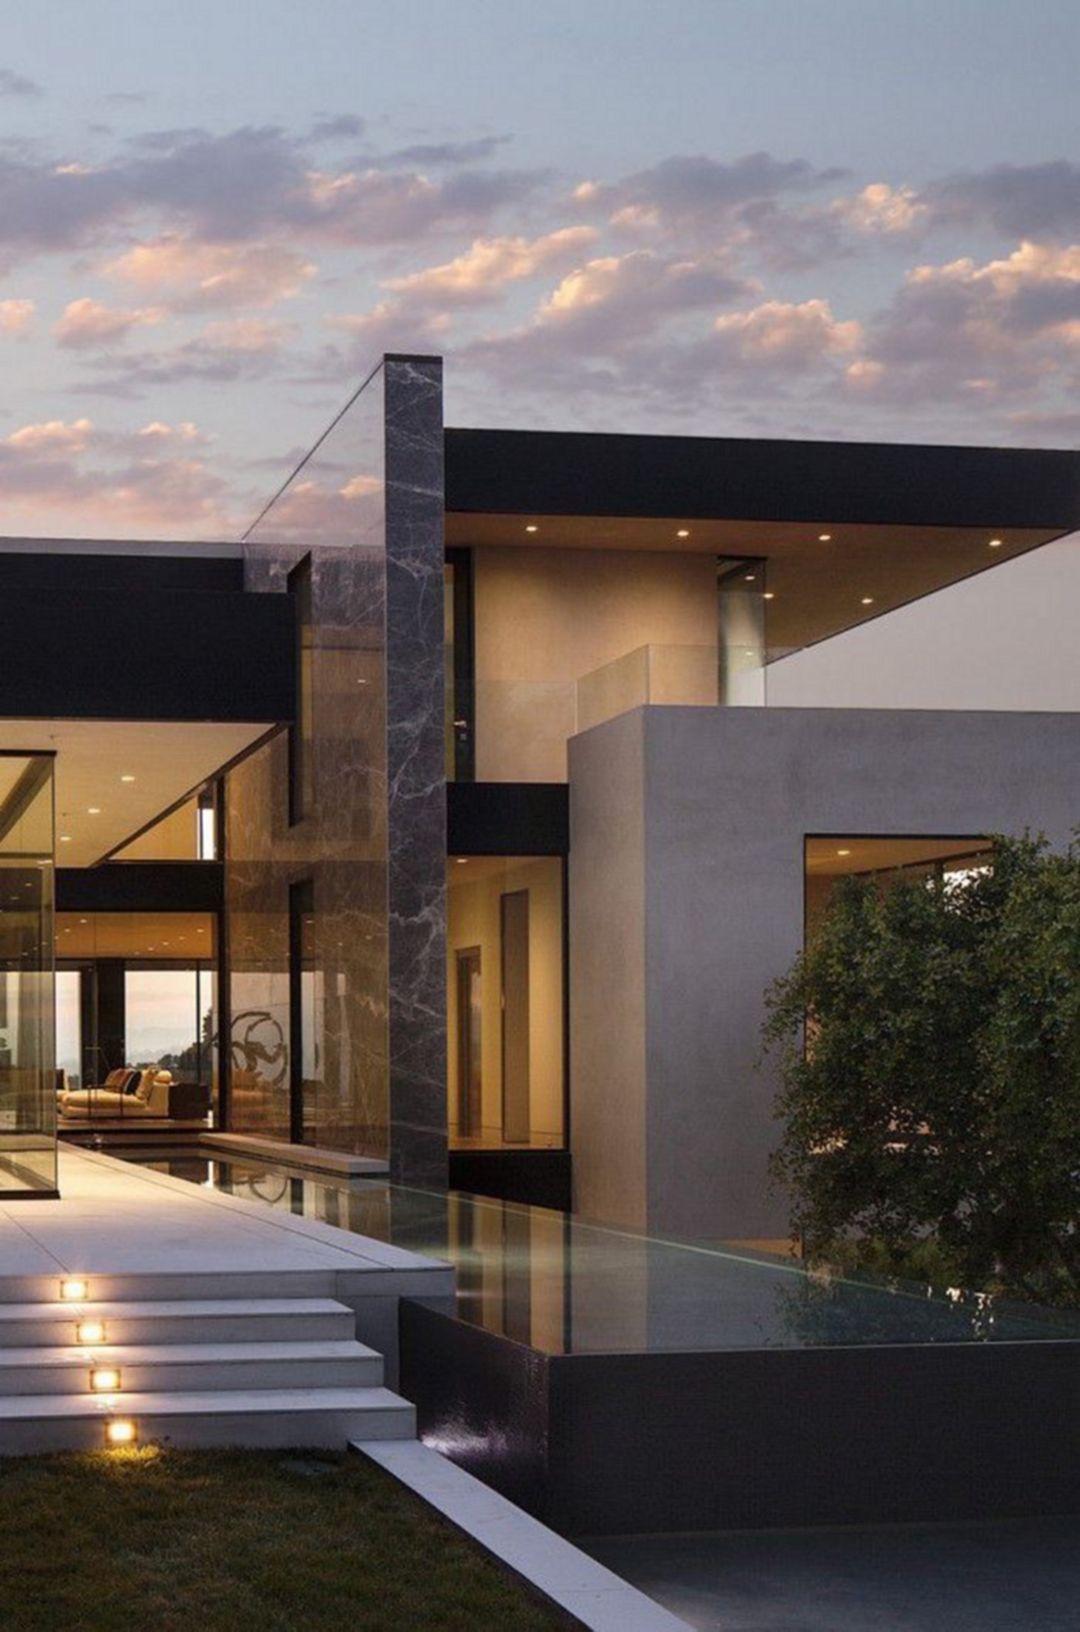 25+ Fantastic Luxury Modern House Design Ideas For Live Better